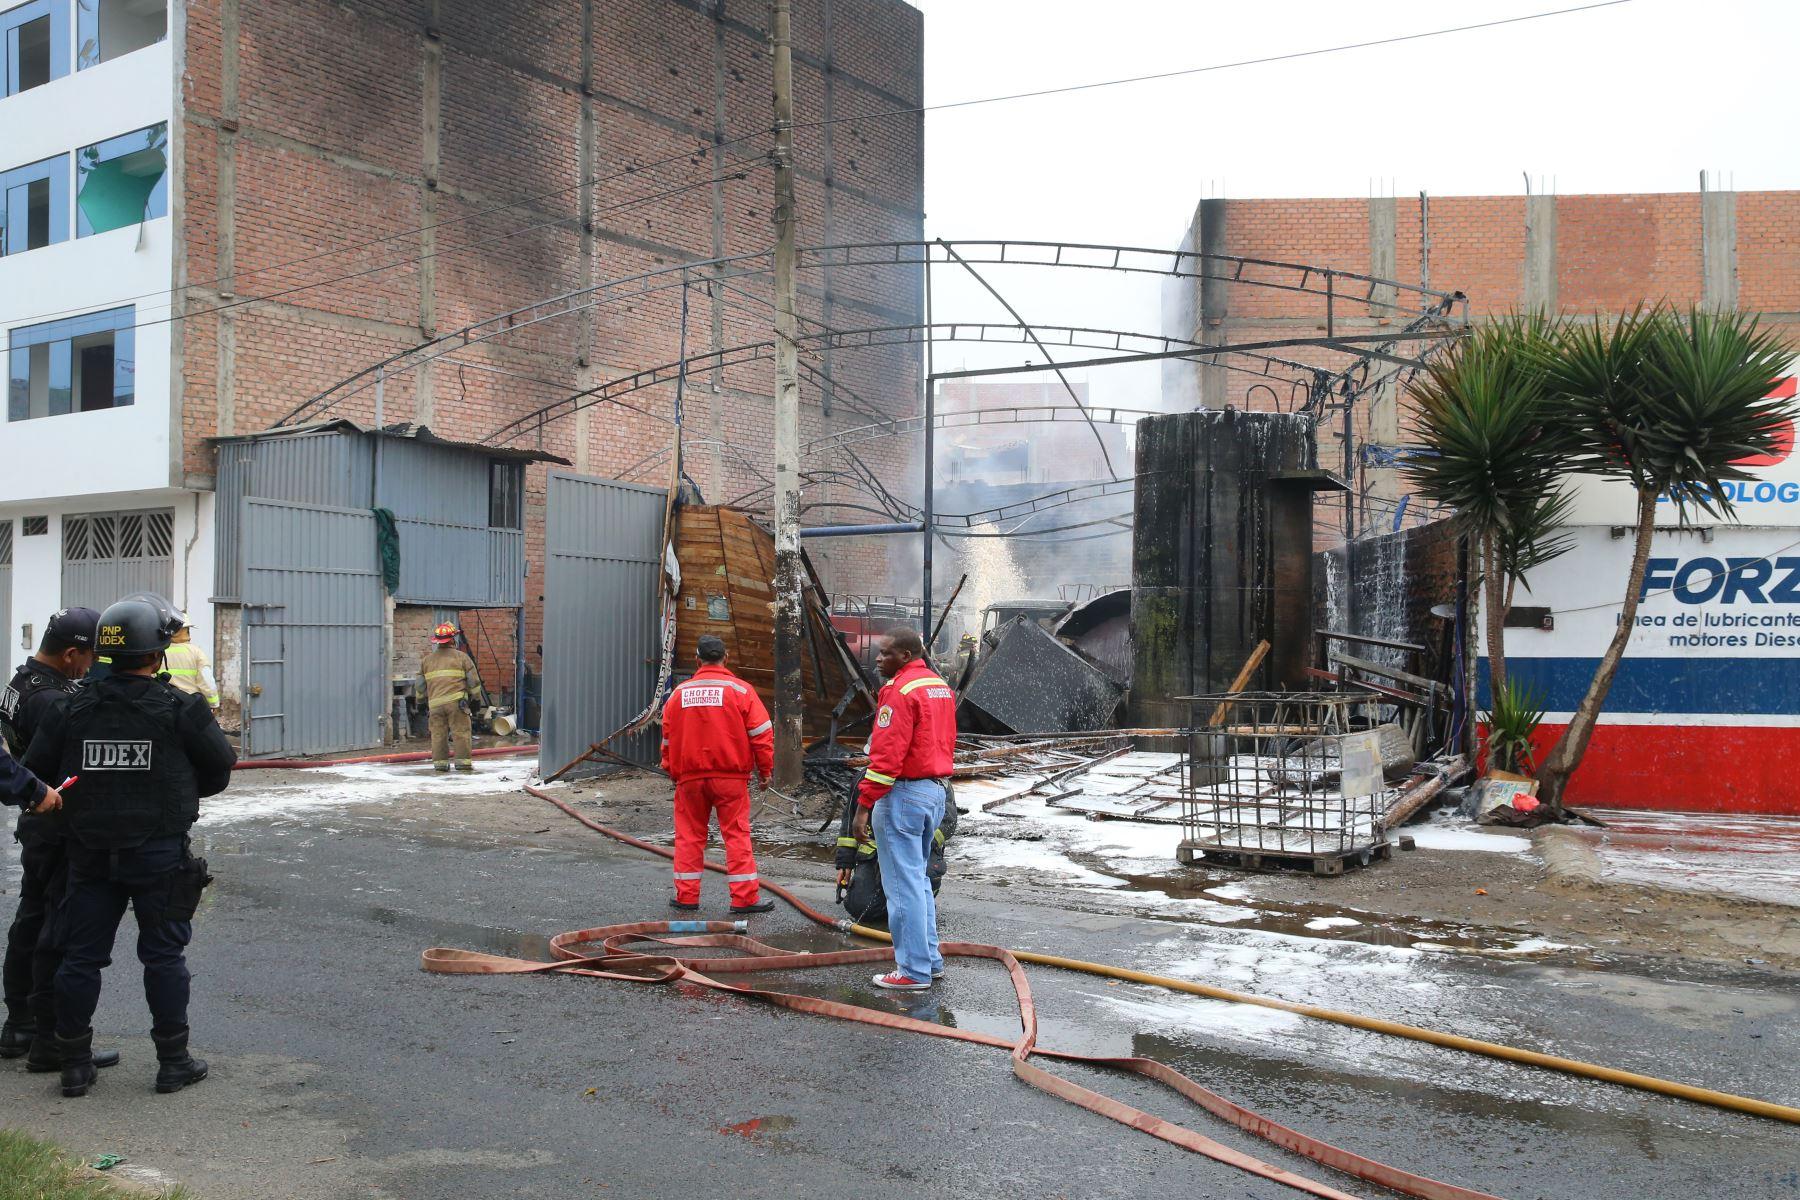 Incendio en un taller de conversión vehicular de gasolina a gas, en el distrito de San Martín de Porres, muy cerca de la frontera con el Callao. Foto: ANDINA/Vidal Tarqui